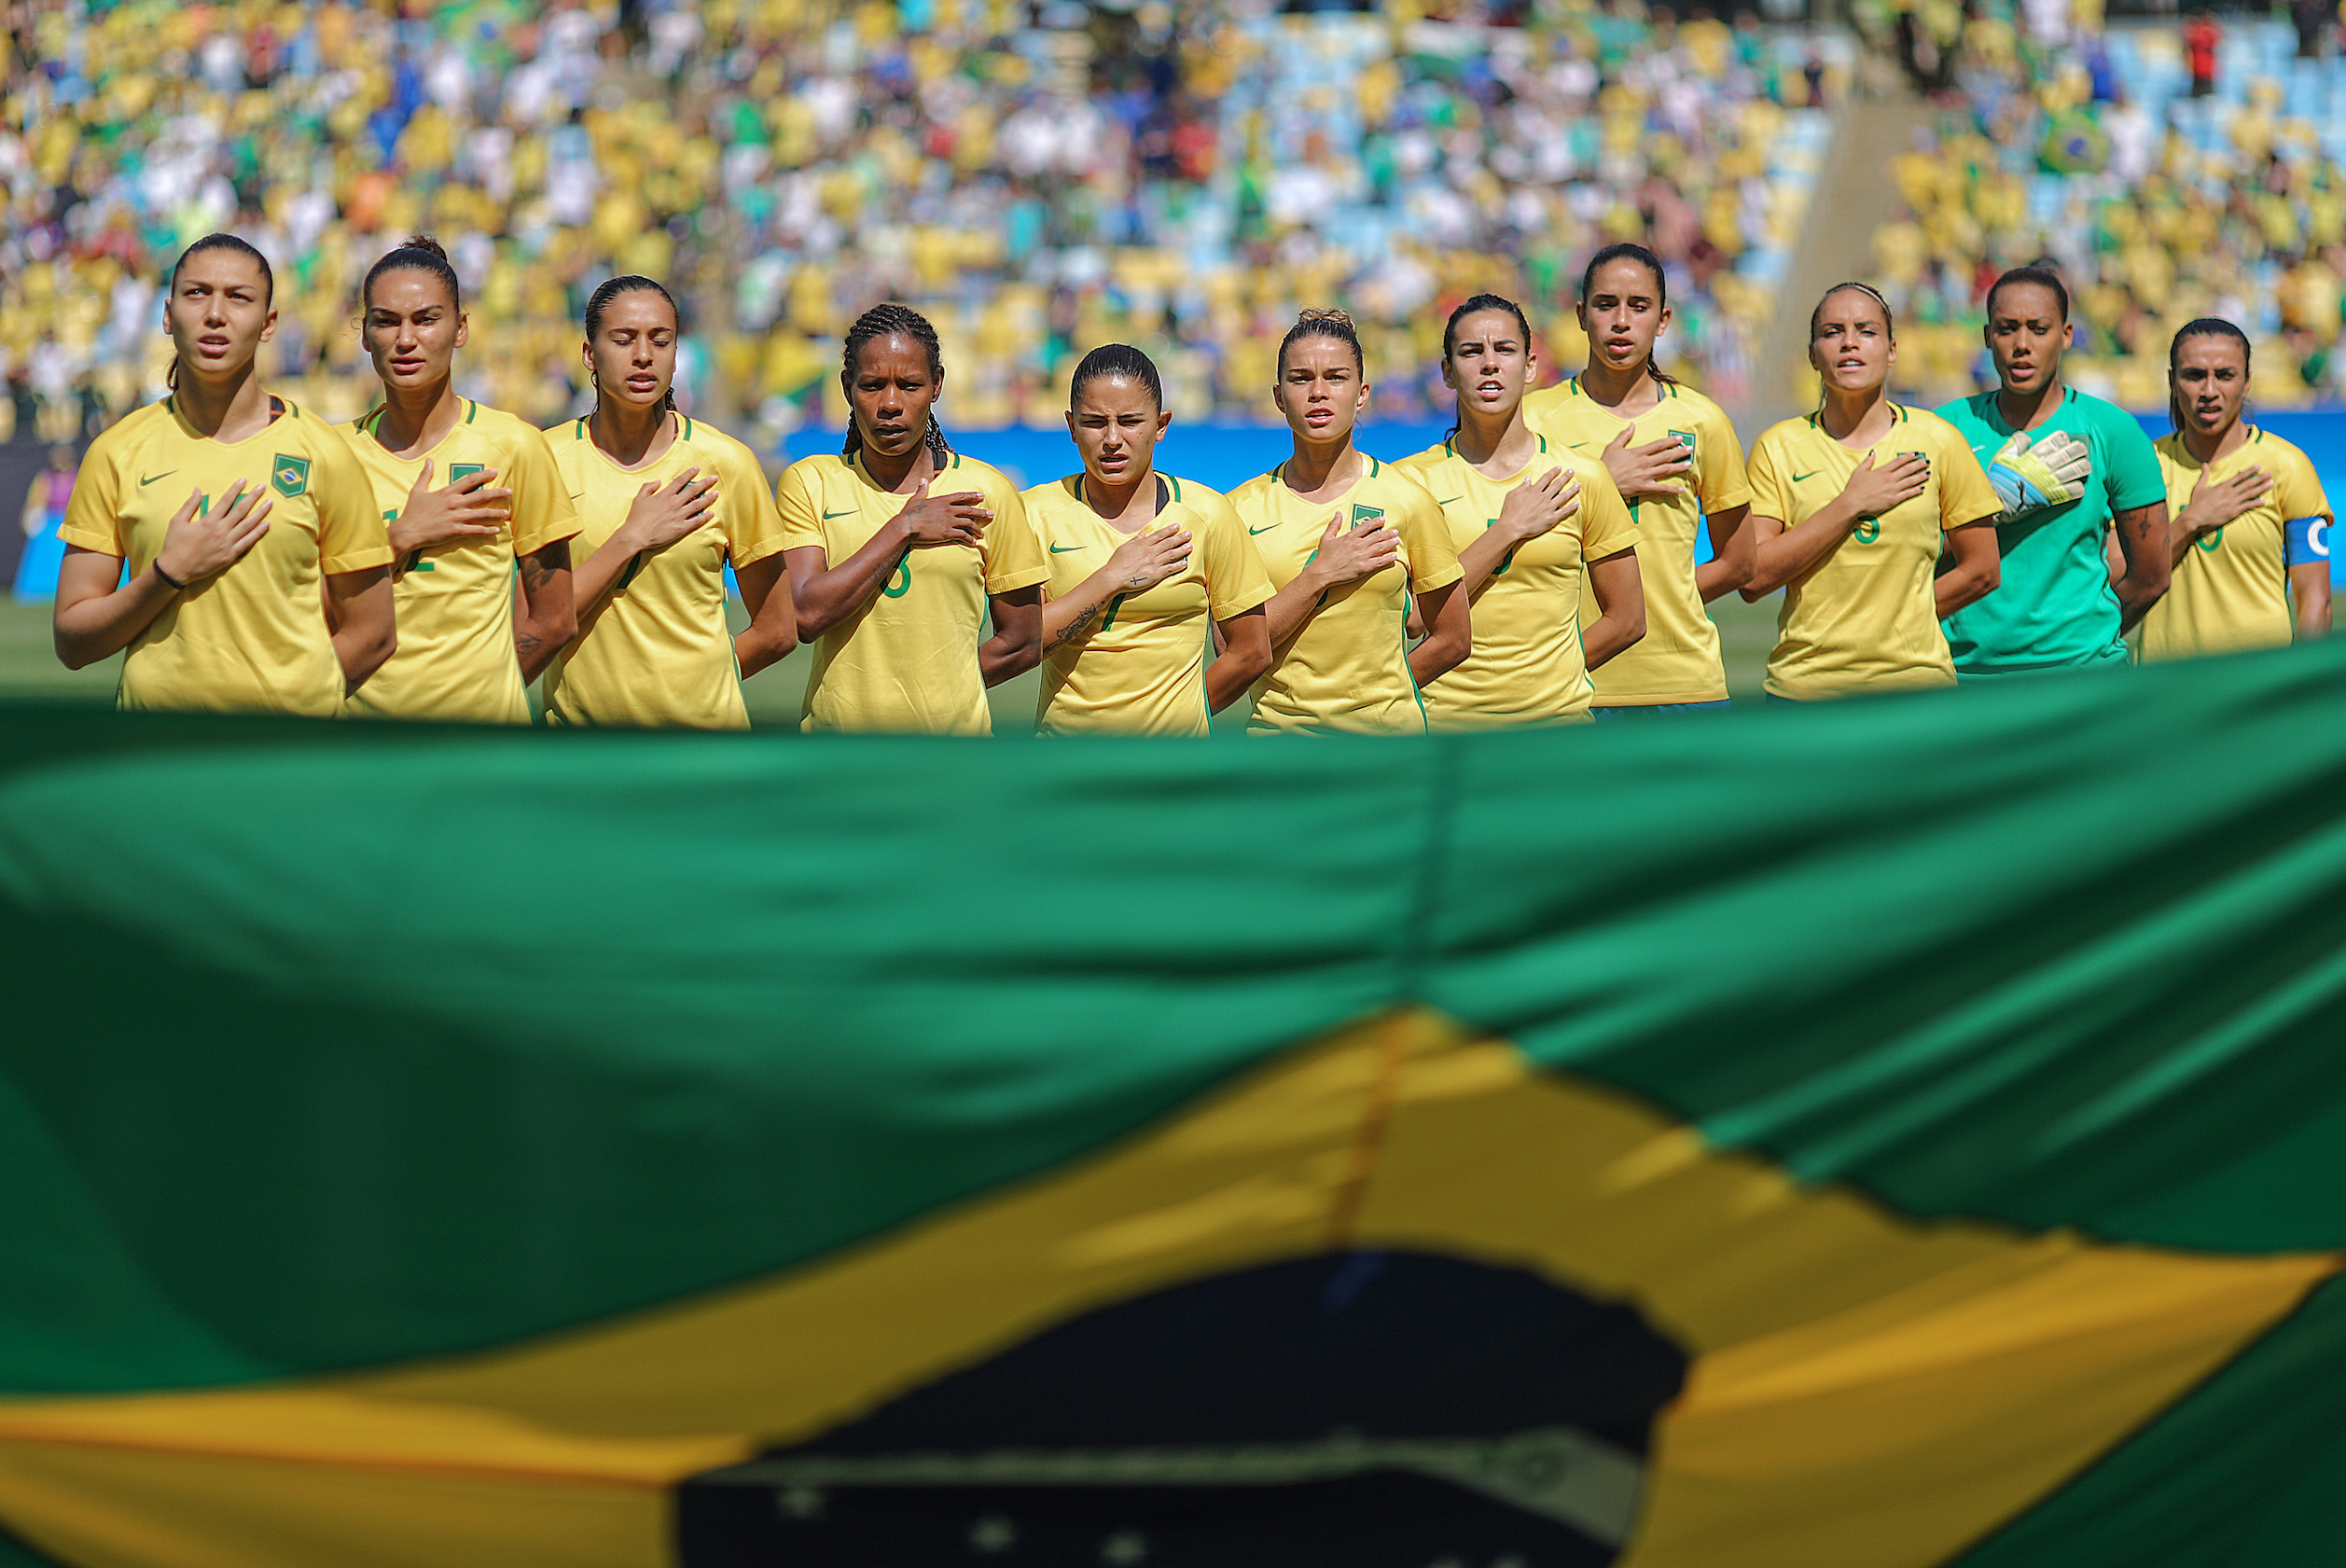 Seleção Brasileira de futebol feminino ficou em quarto na Rio 2016 9401ce97126d8